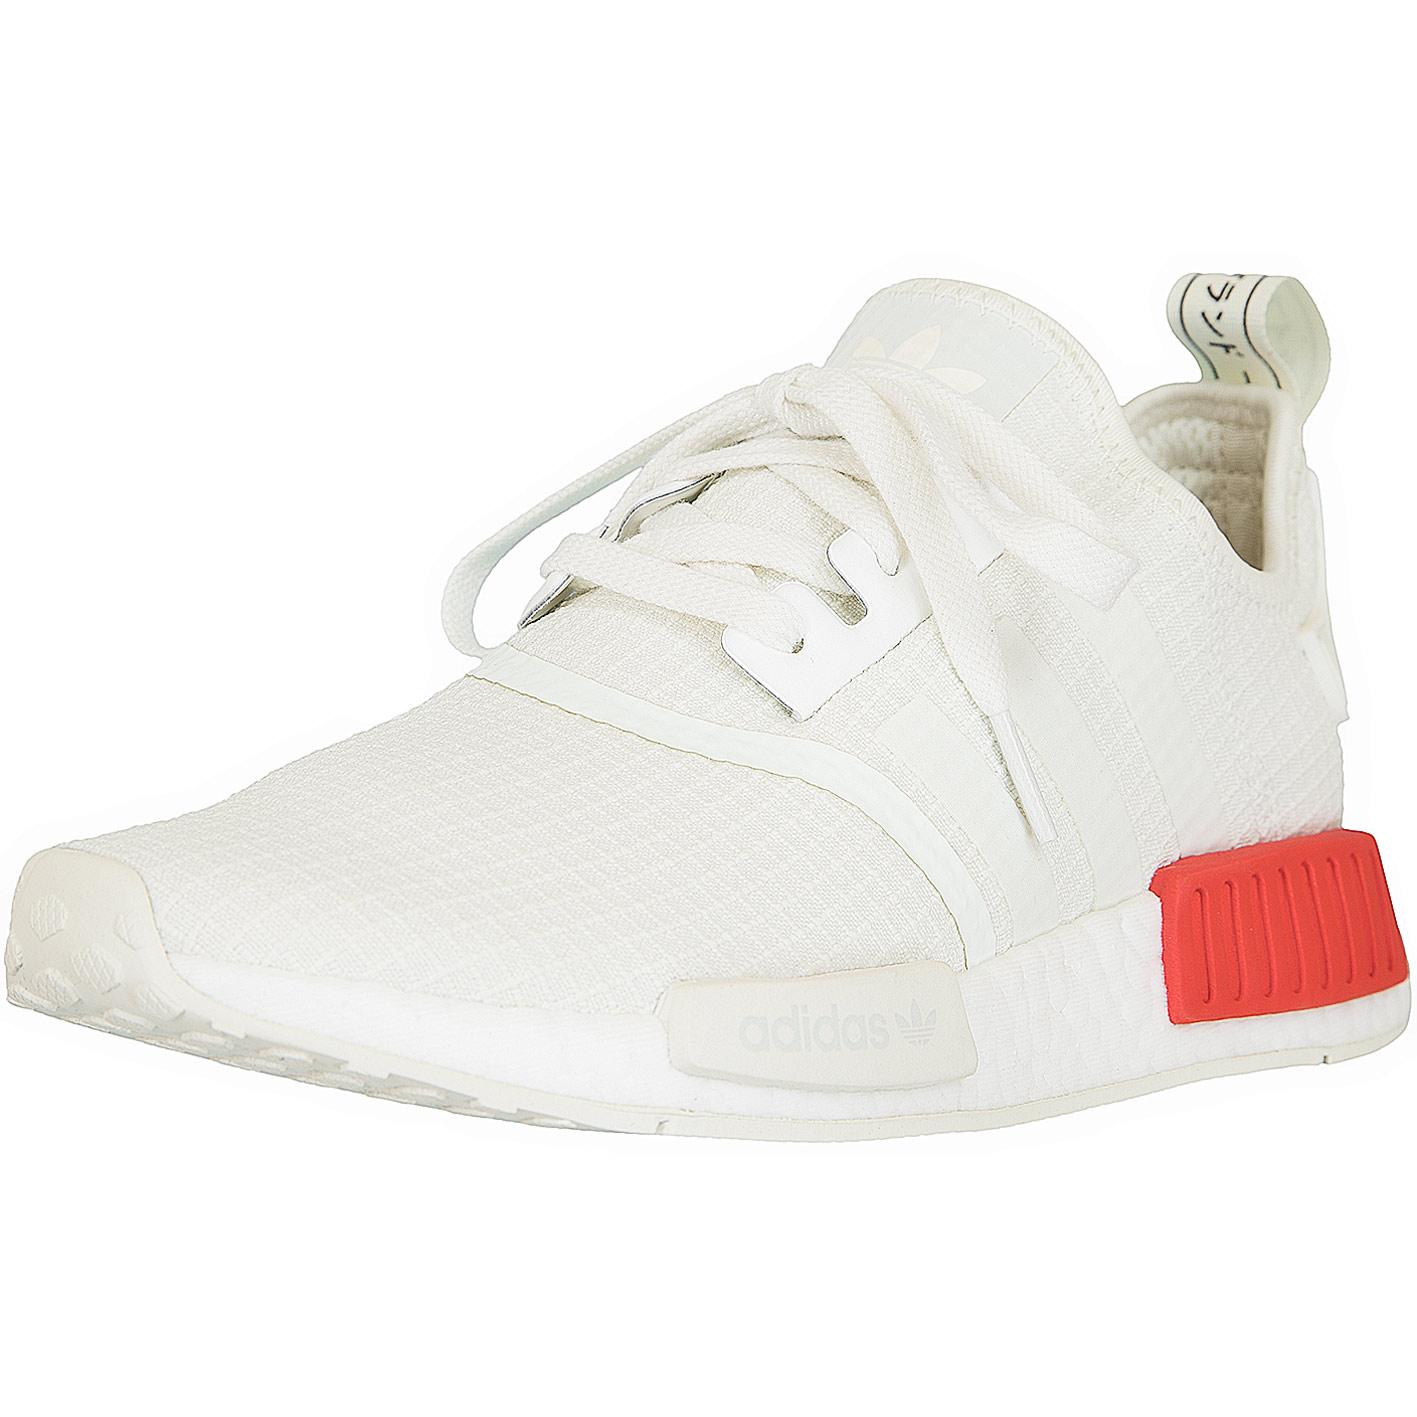 adidas nmd r1 weiß rot